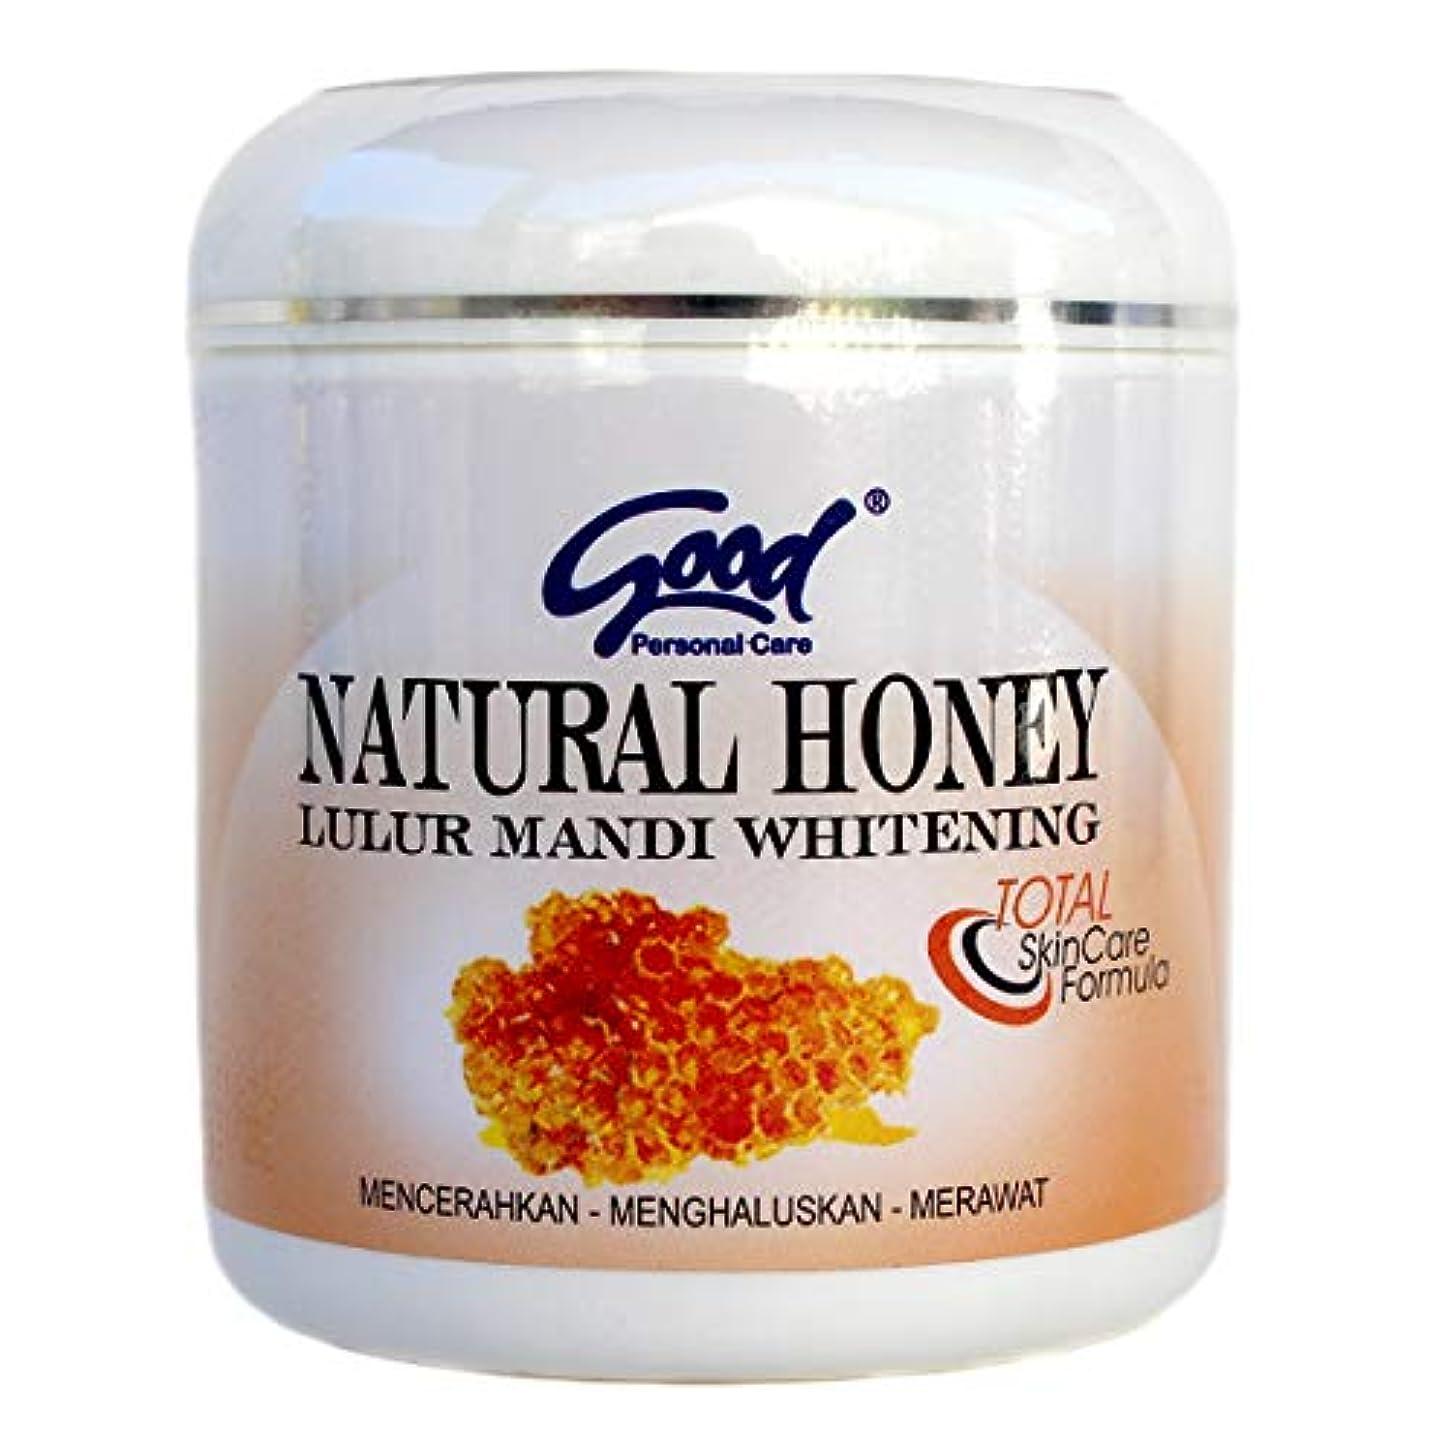 想像する動脈接地good グッド インドネシアバリ島の伝統的なボディスクラブ Lulur Mandi マンディルルール 200g Natural Honey ナチュラルハニー [海外直送品]